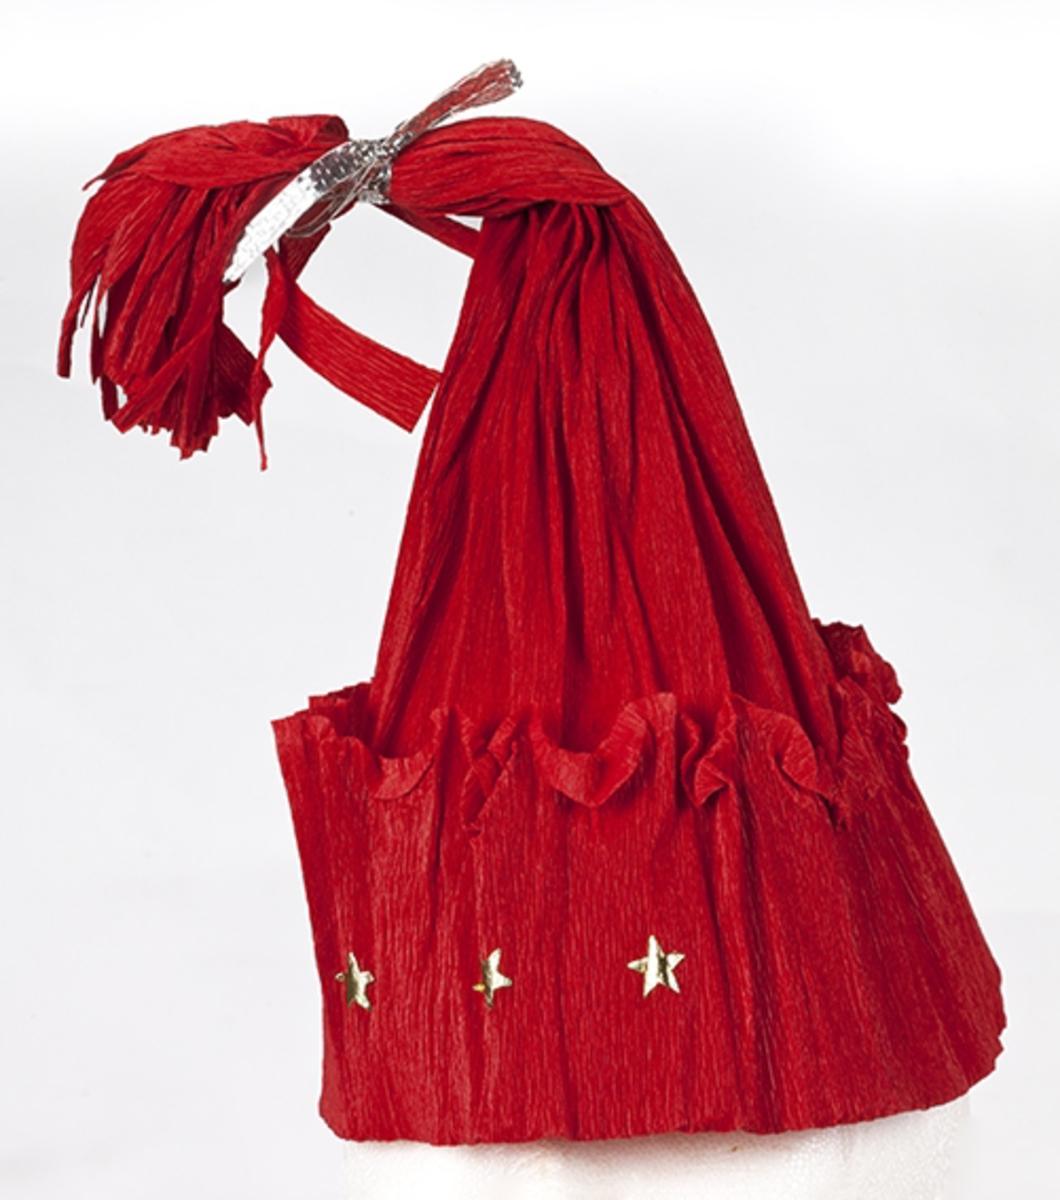 """Laget av kreppapir, formet som topplue med dusk. Dekorert med tre gullstjerner og sølvbånd rundt dusken. """"Nisselue"""".Antatt 1950-tall."""